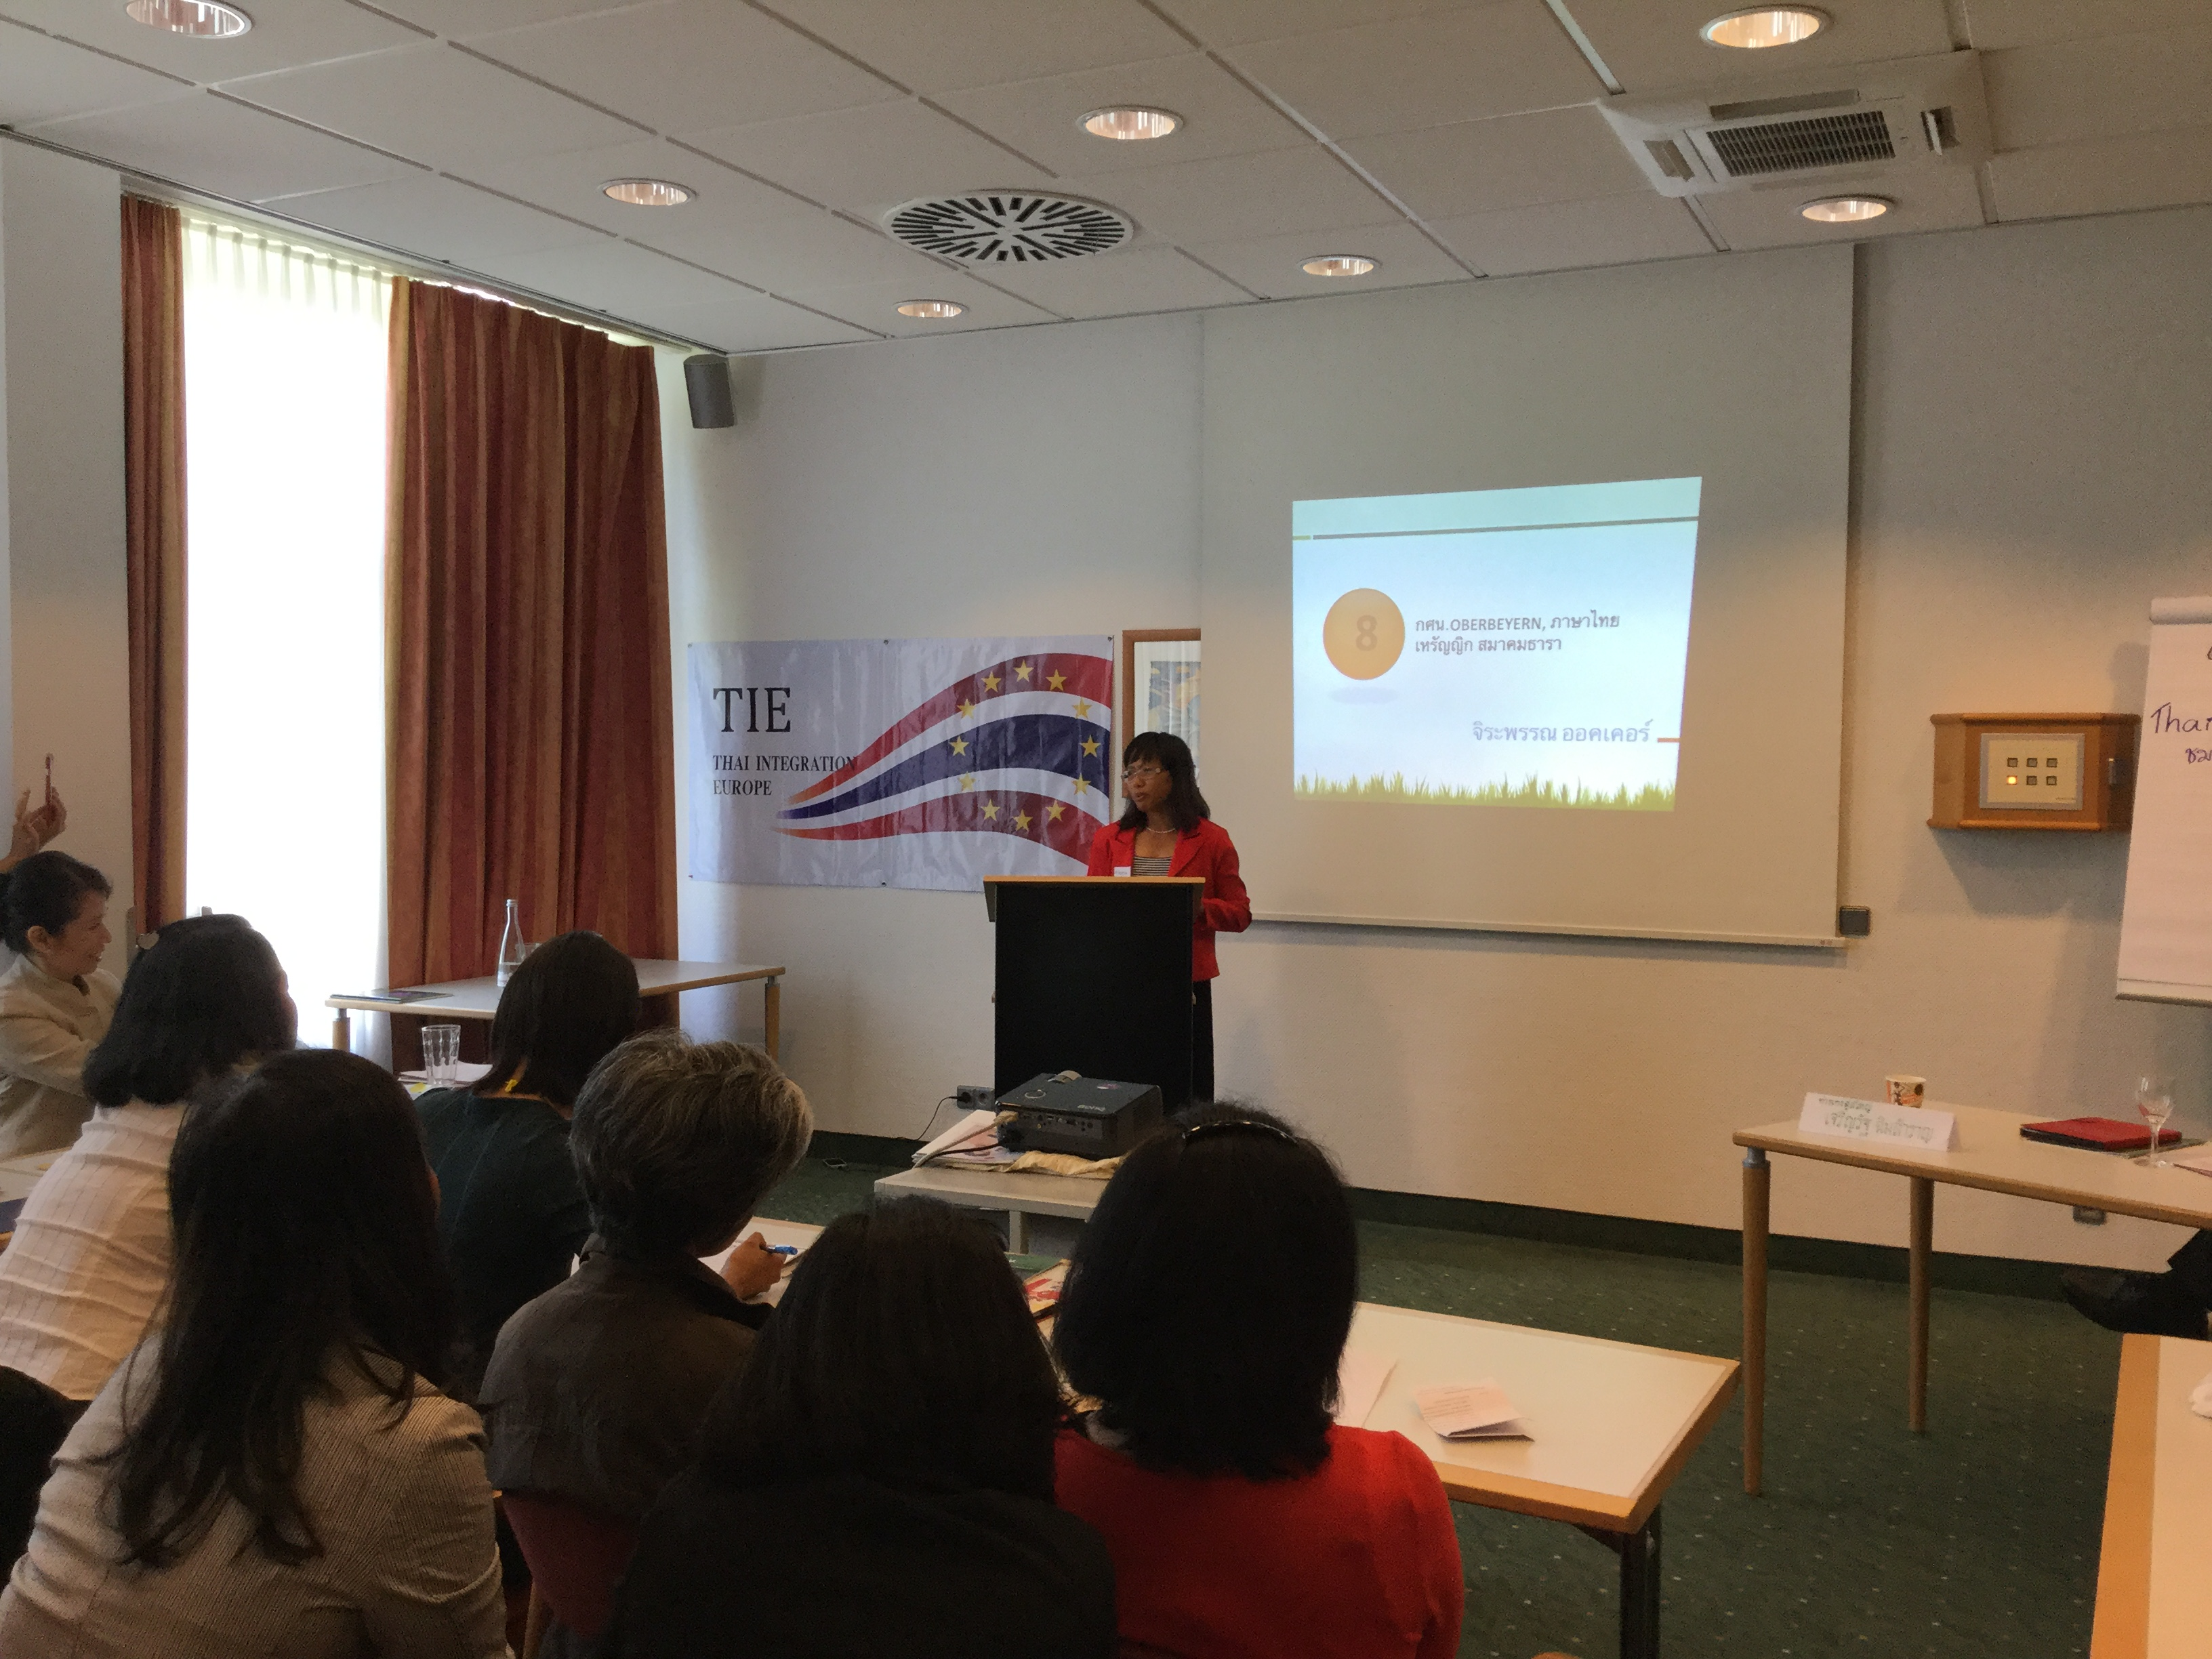 """คุณจิระพรรณ ออคเคอร์ บรรยายเรื่อง """"การสอนภาษาไทยให้เด็ก และงานด้านการเงิน"""""""